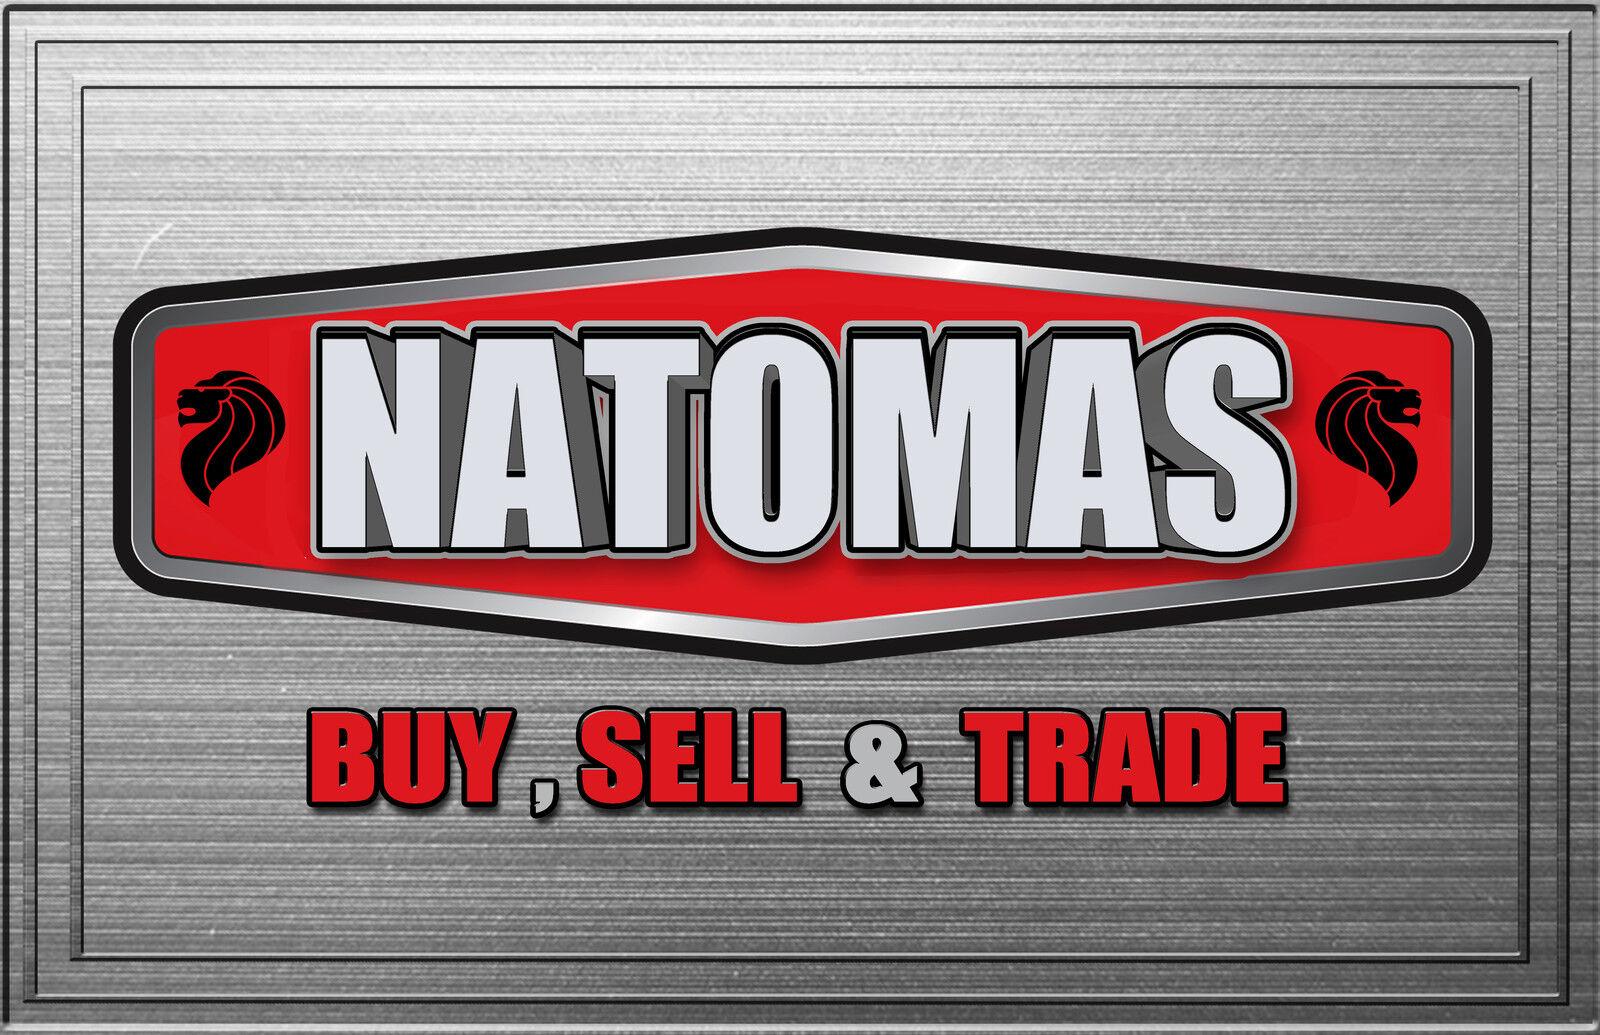 Natomas Buy, Sell & Trade